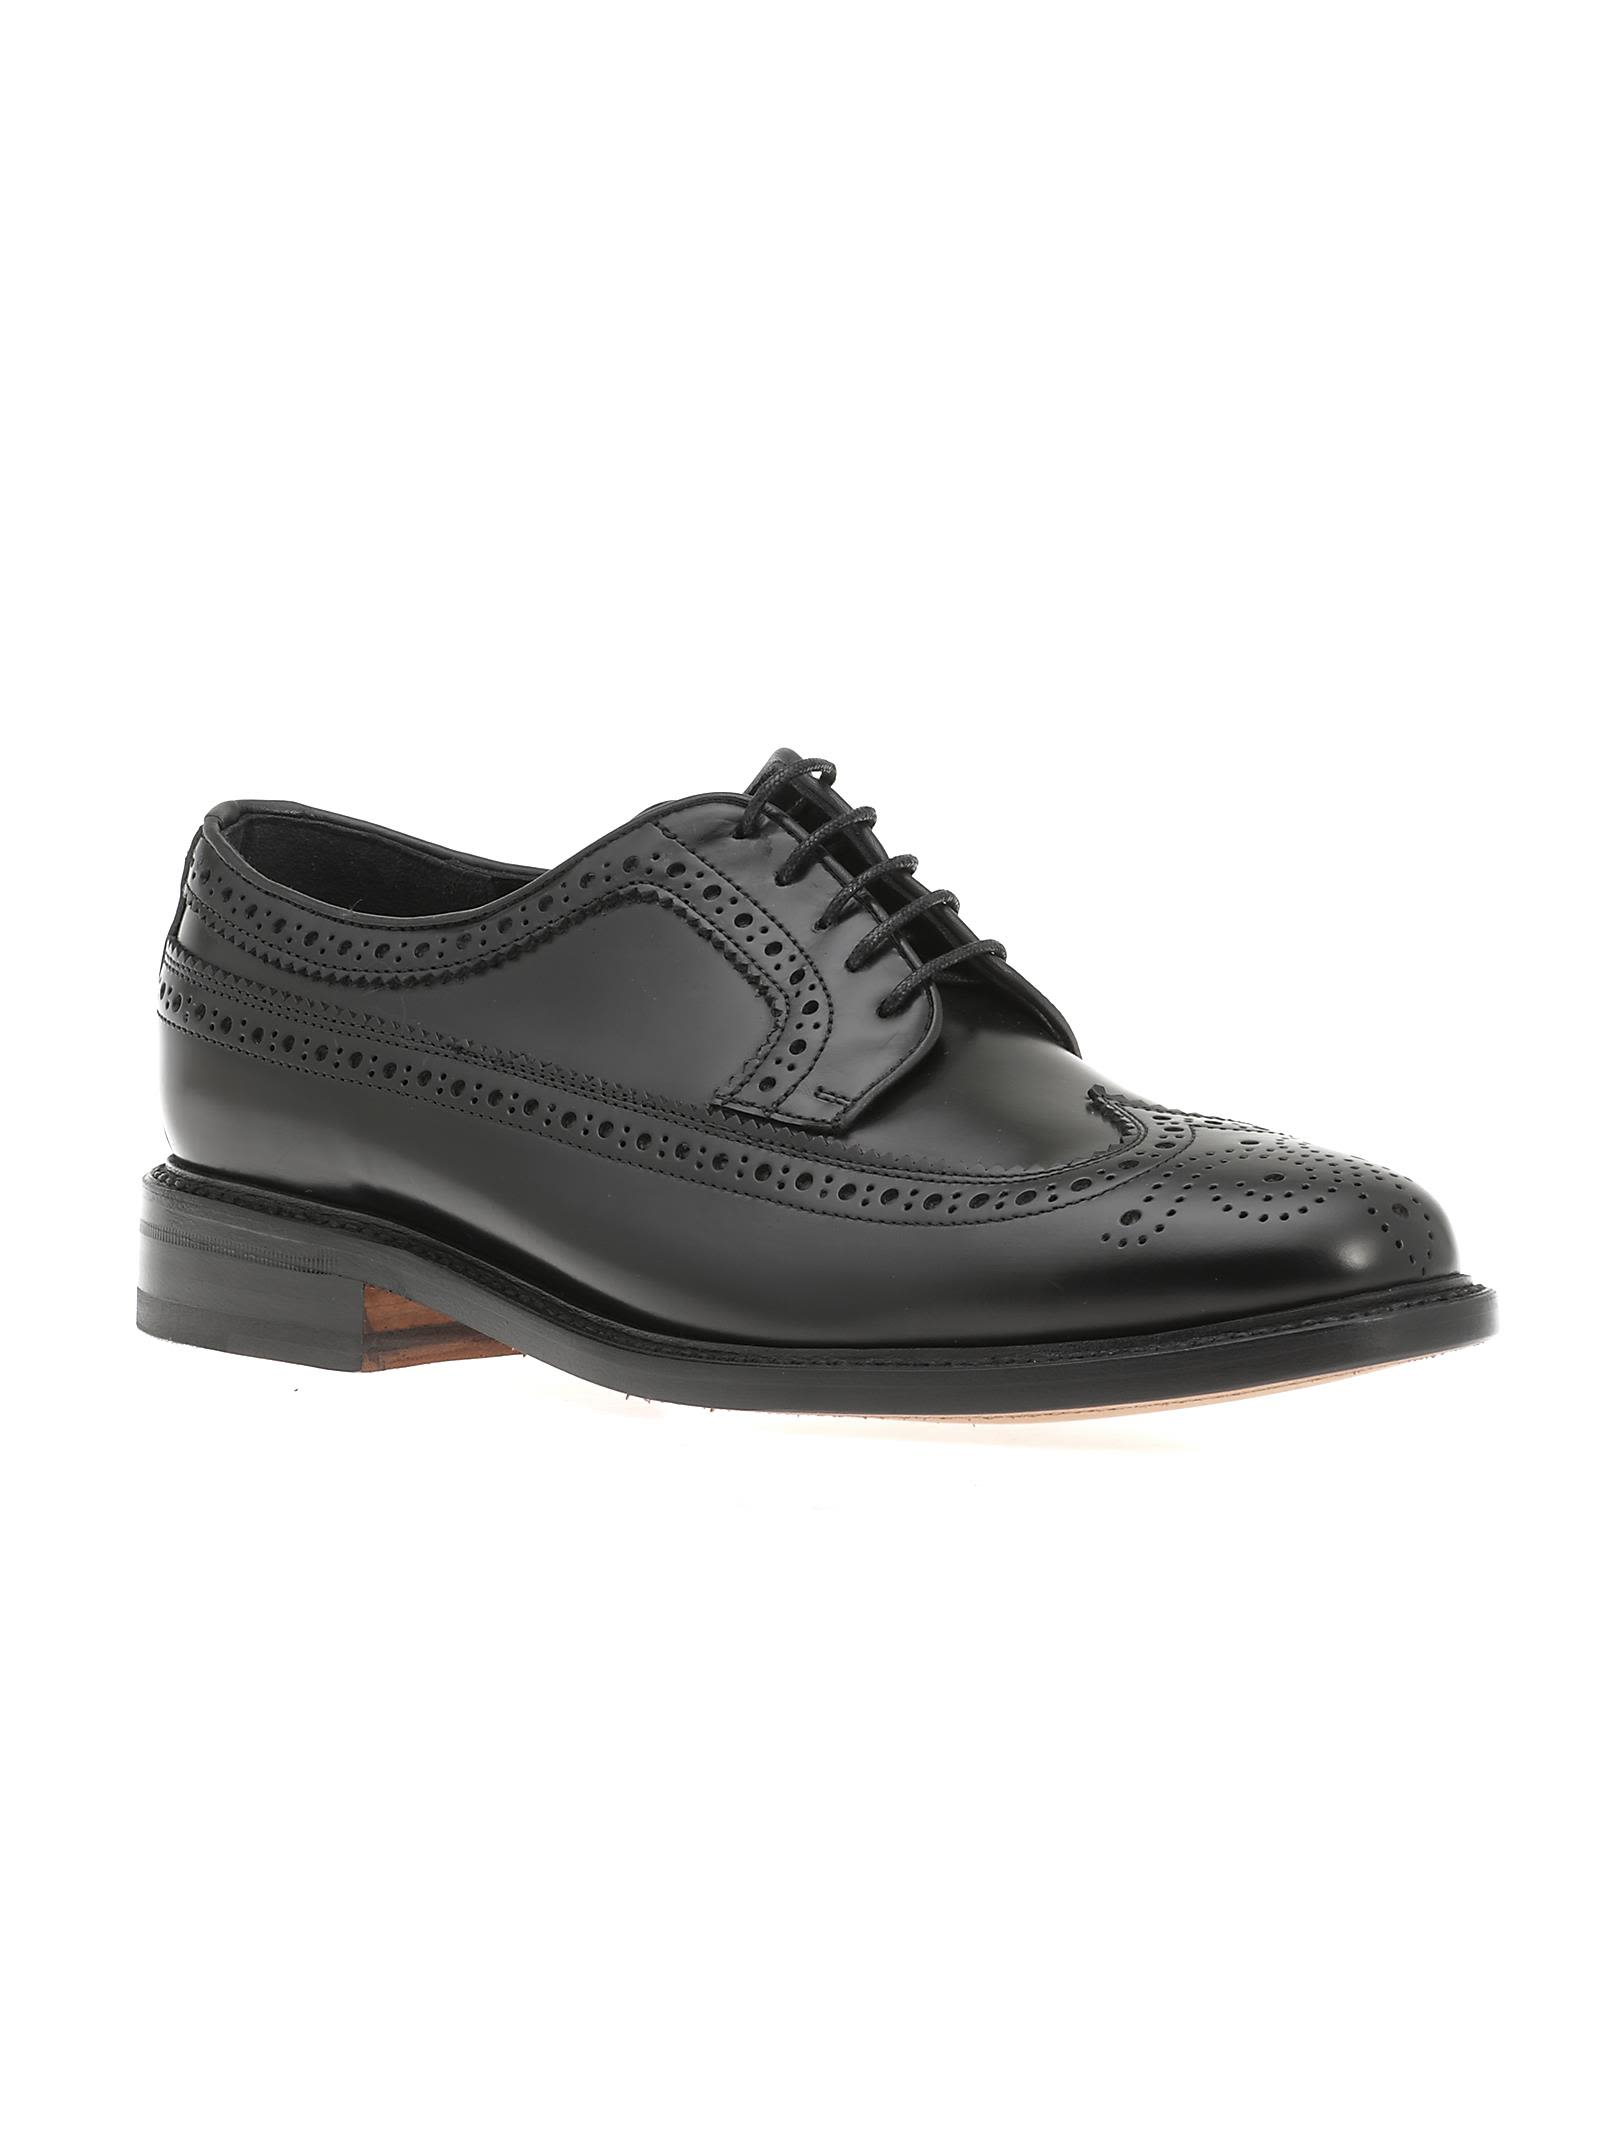 Berwick 1707 Lace-up Shoe